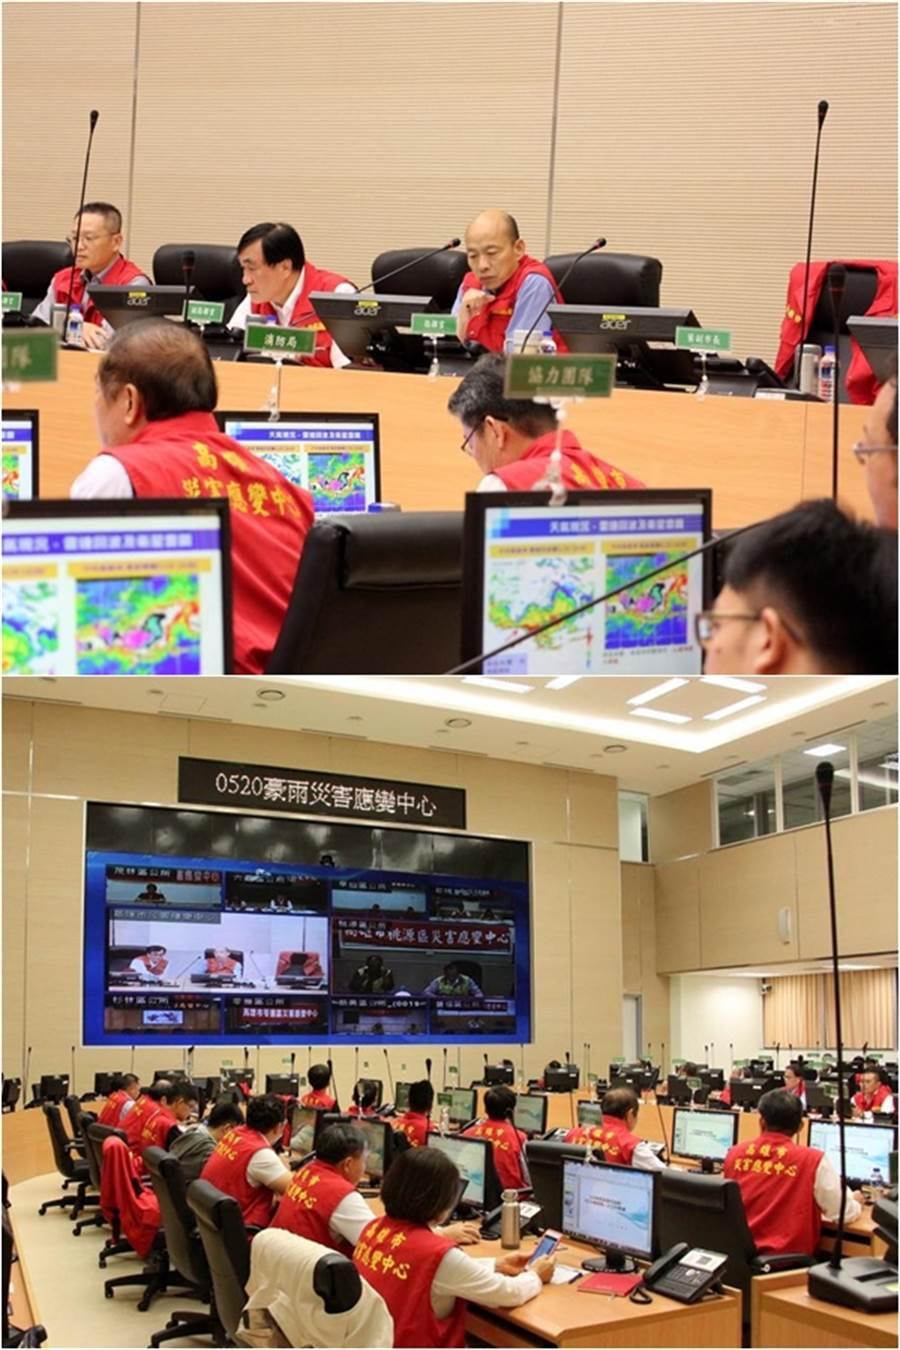 韓國瑜親自主持災害應變中心二級開設。(圖/取自韓國瑜FB)